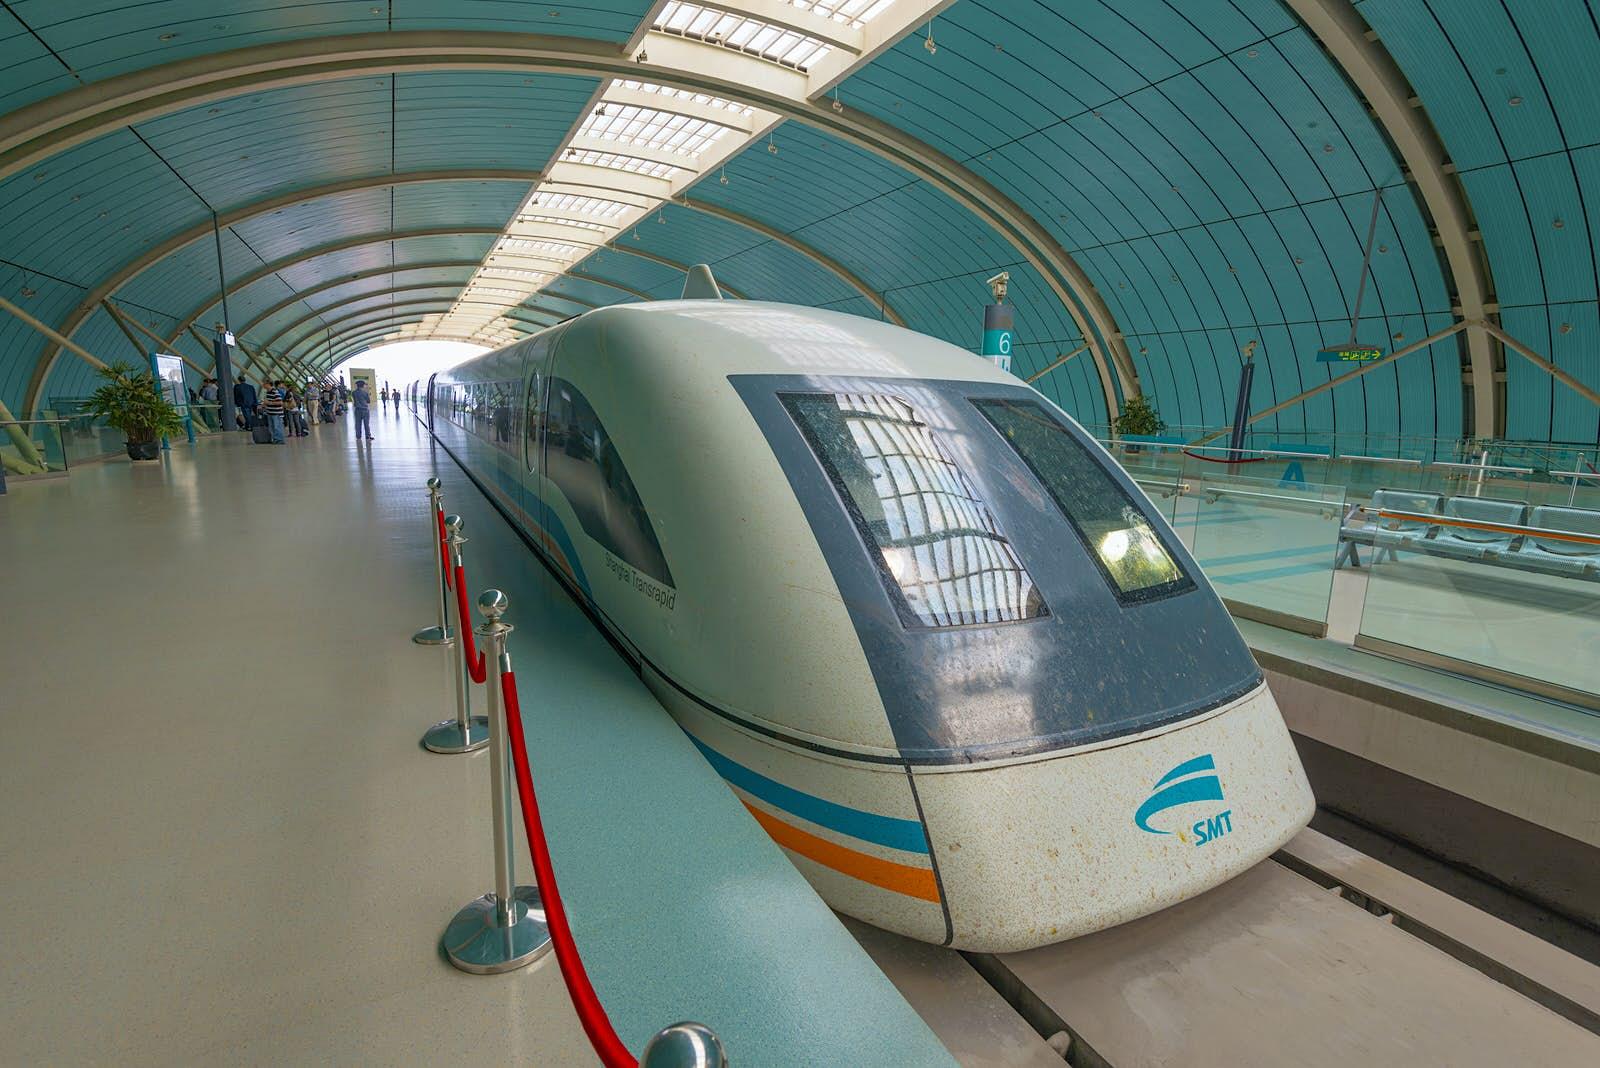 China, Shanghai, Pudong District, Longyang Road Station, Maglev Train